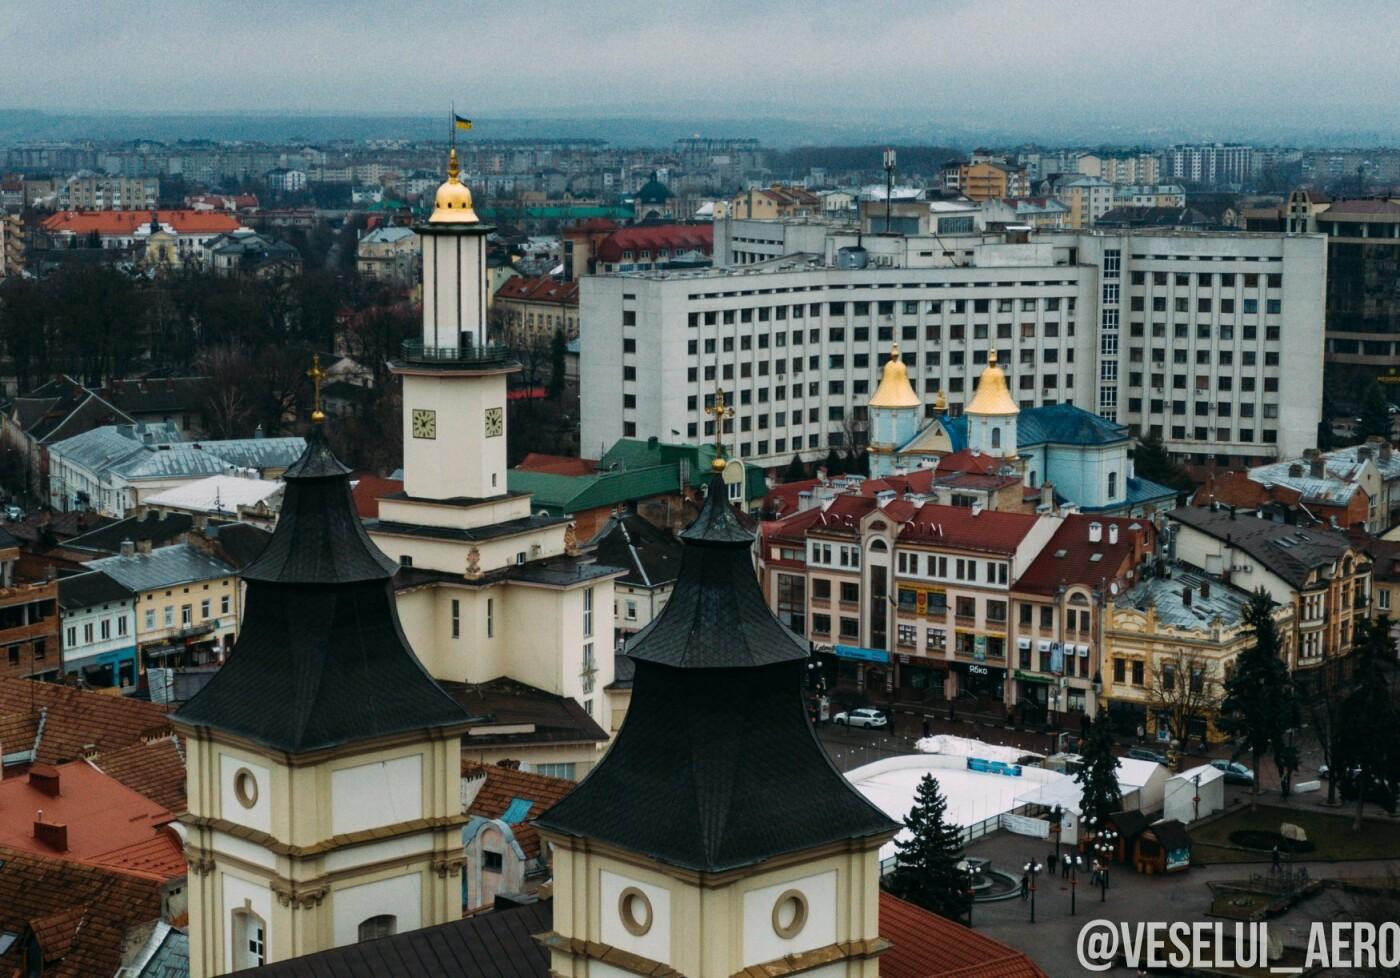 Фотограф поділився світлинами ратуші з висоти., фото-4